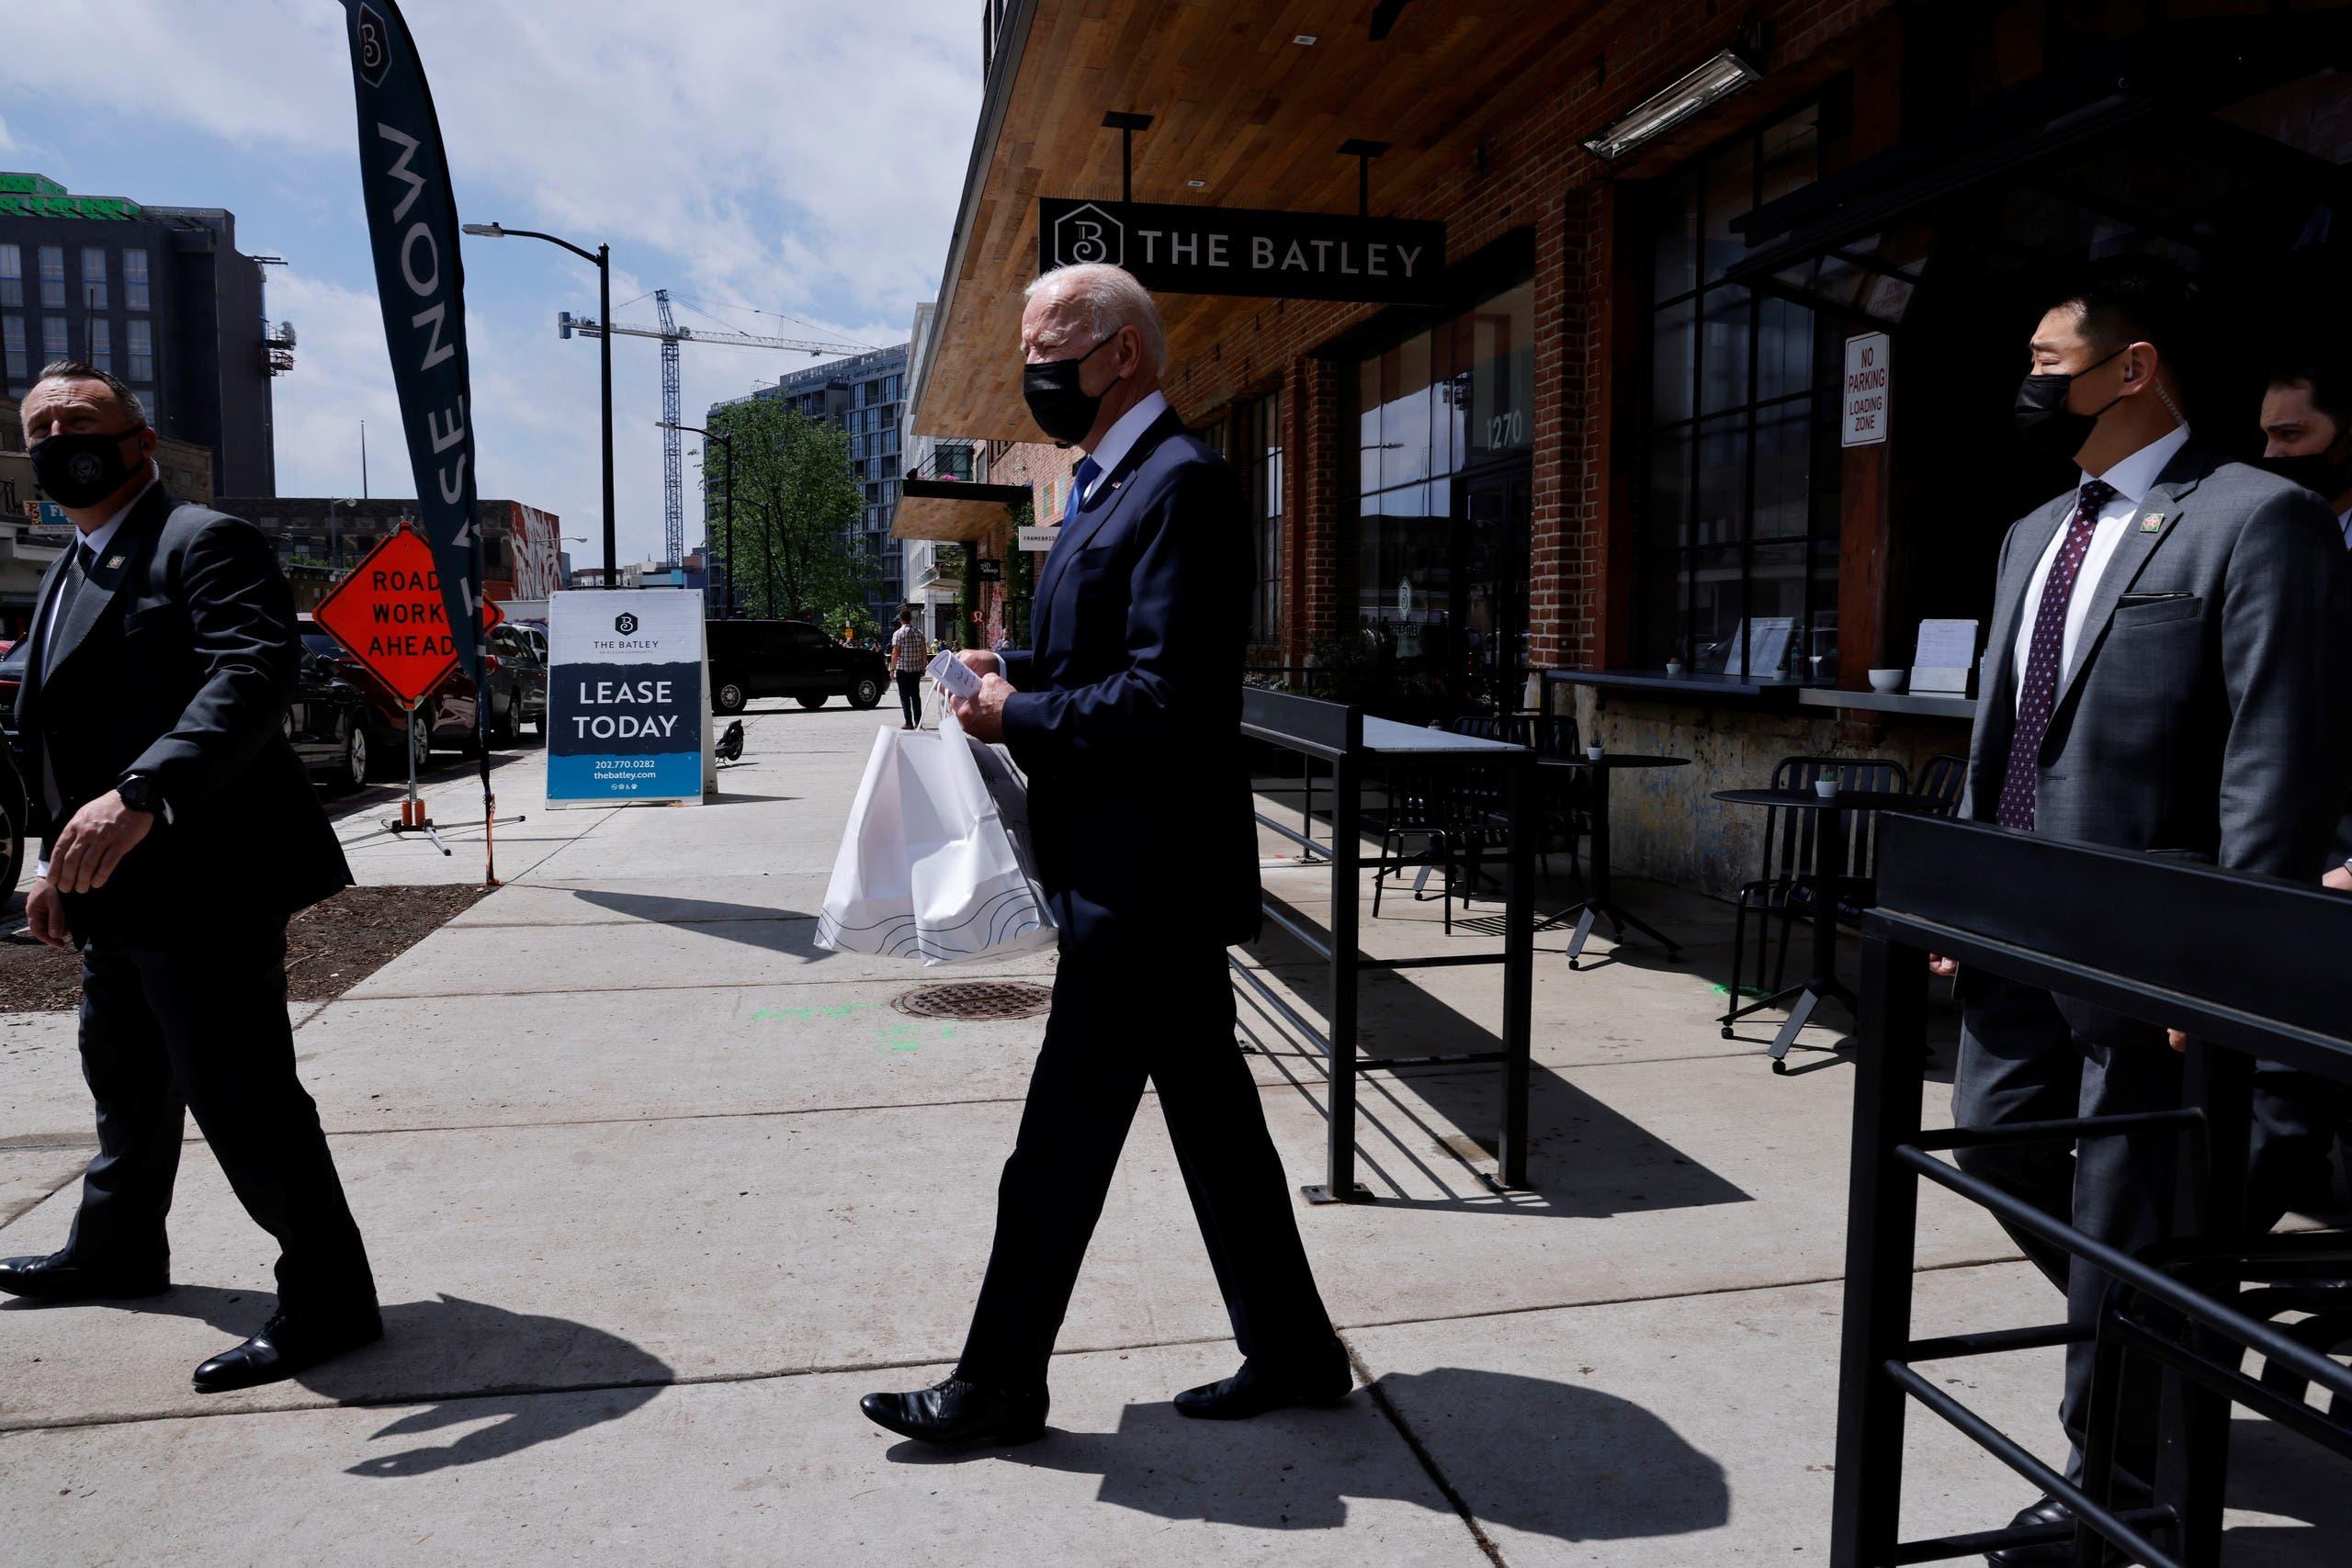 بايدن يخرج من المطعم المكسيكي في واشنطن